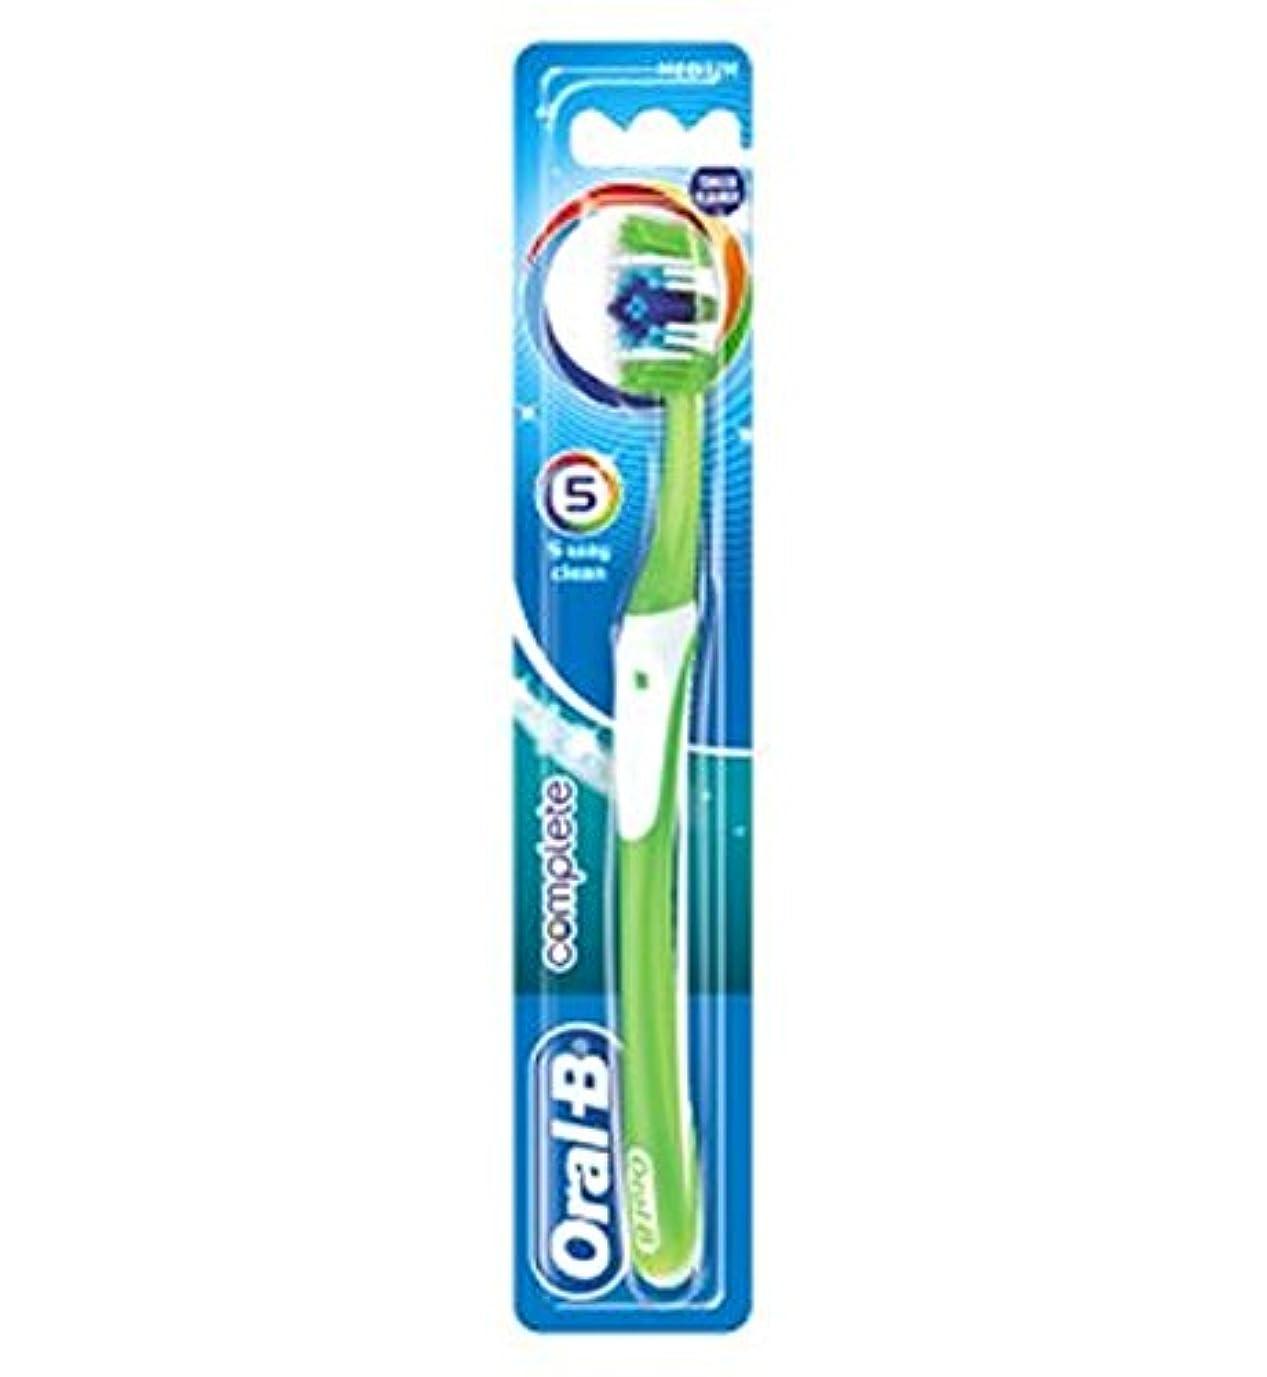 コンパクトケーキアイドルオーラルBの完全な5道クリーンなメディアの手動歯ブラシ (Oral B) (x2) - Oral-B Complete 5 Way Clean Medium Manual Toothbrush (Pack of 2) [並行輸入品]